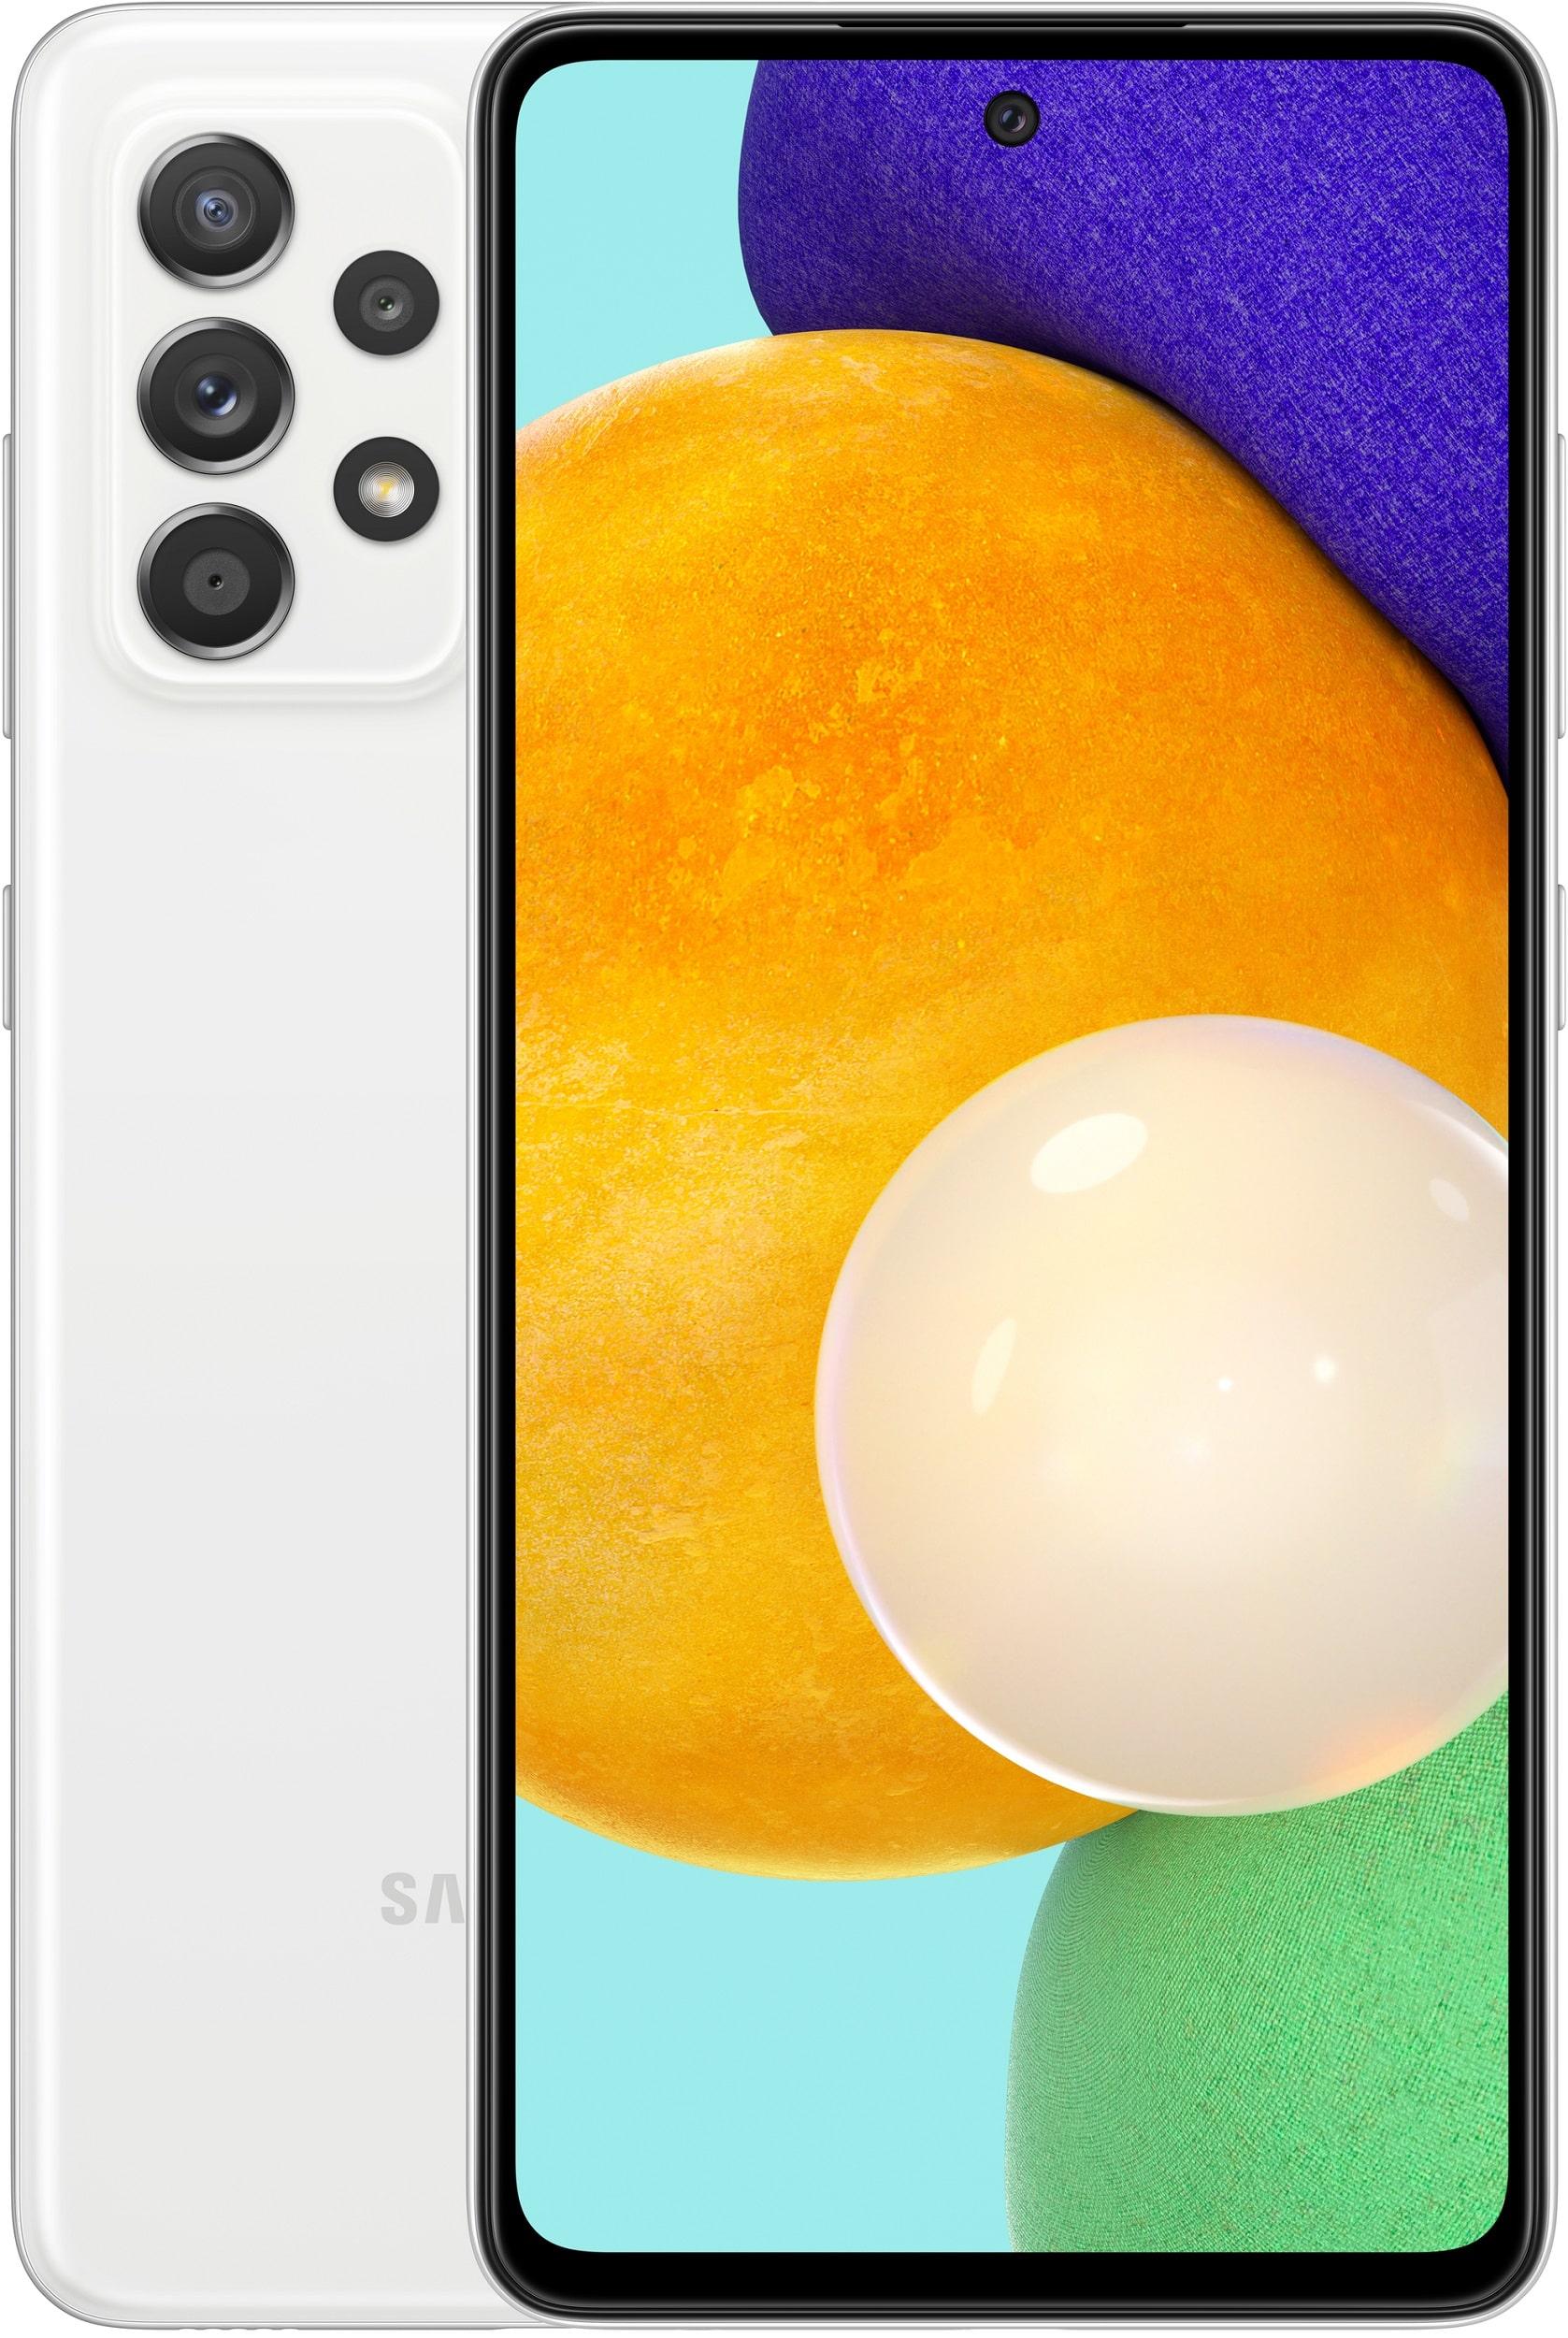 Смартфон Samsung Galaxy A52: где купить, цены, характеристики